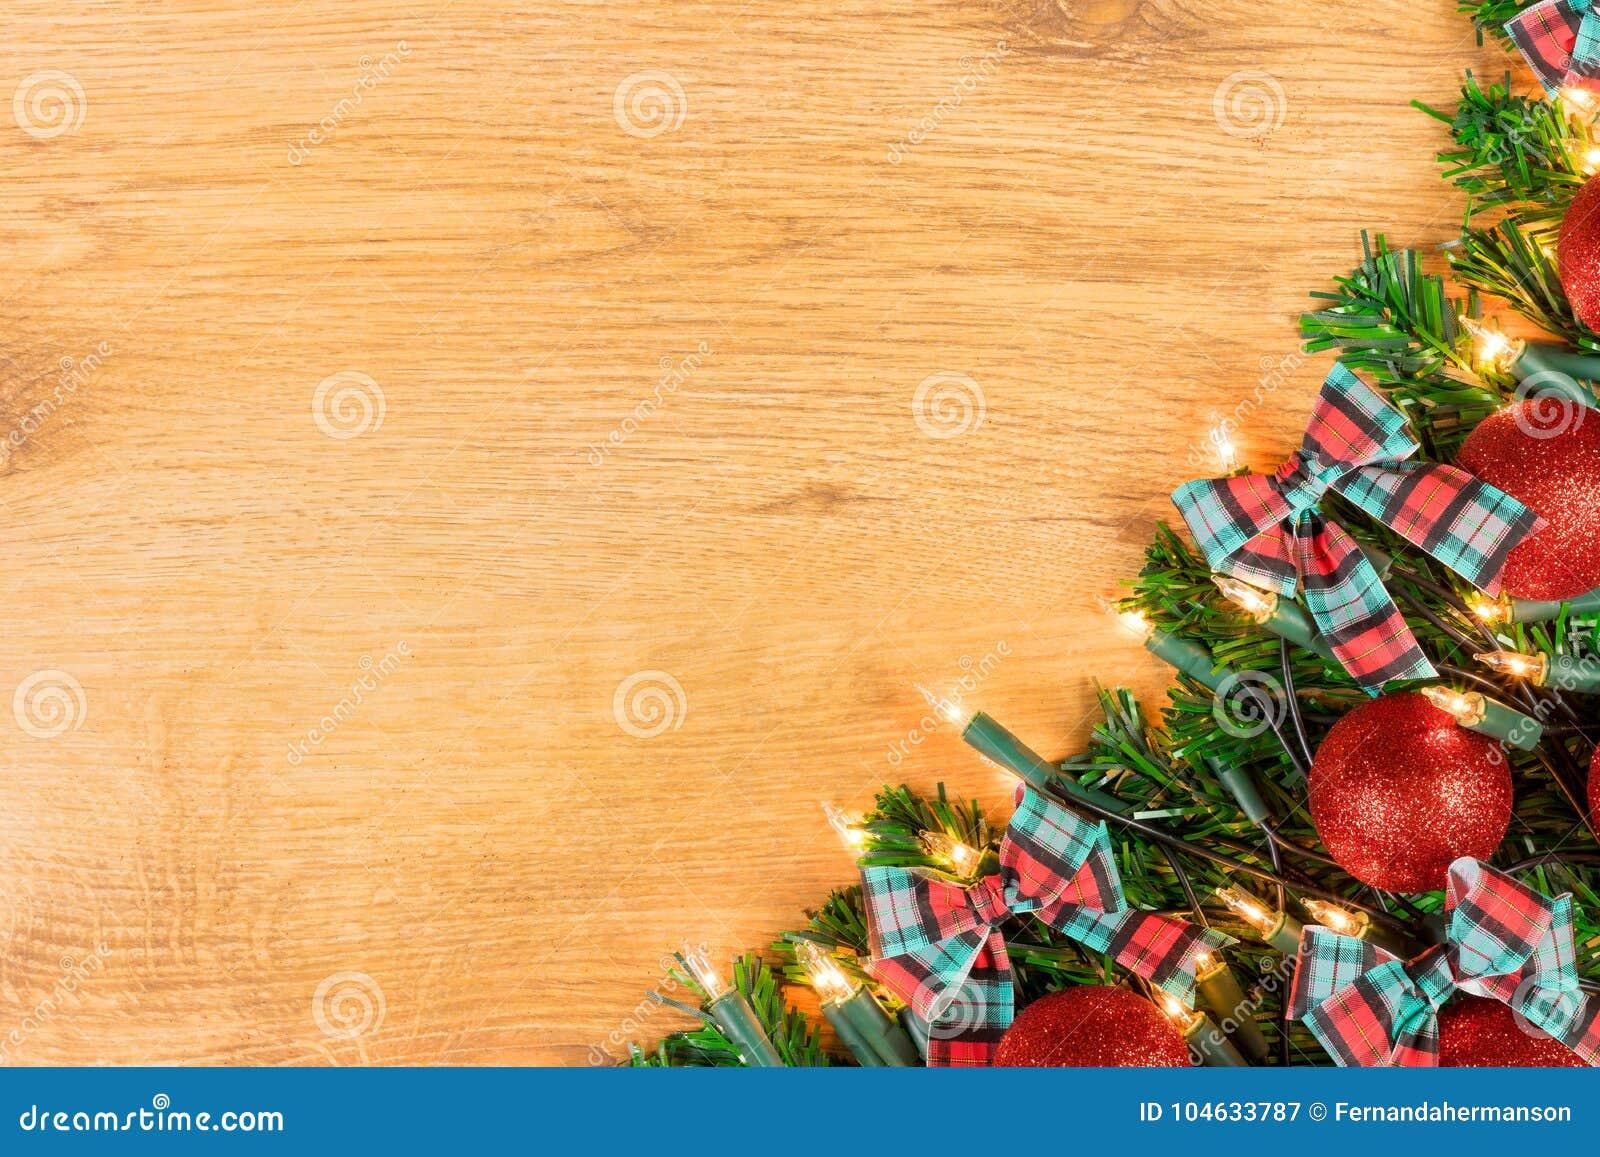 Download De Decoratie Van Kerstmis Op Houten Achtergrond Stock Afbeelding - Afbeelding bestaande uit spar, baubles: 104633787